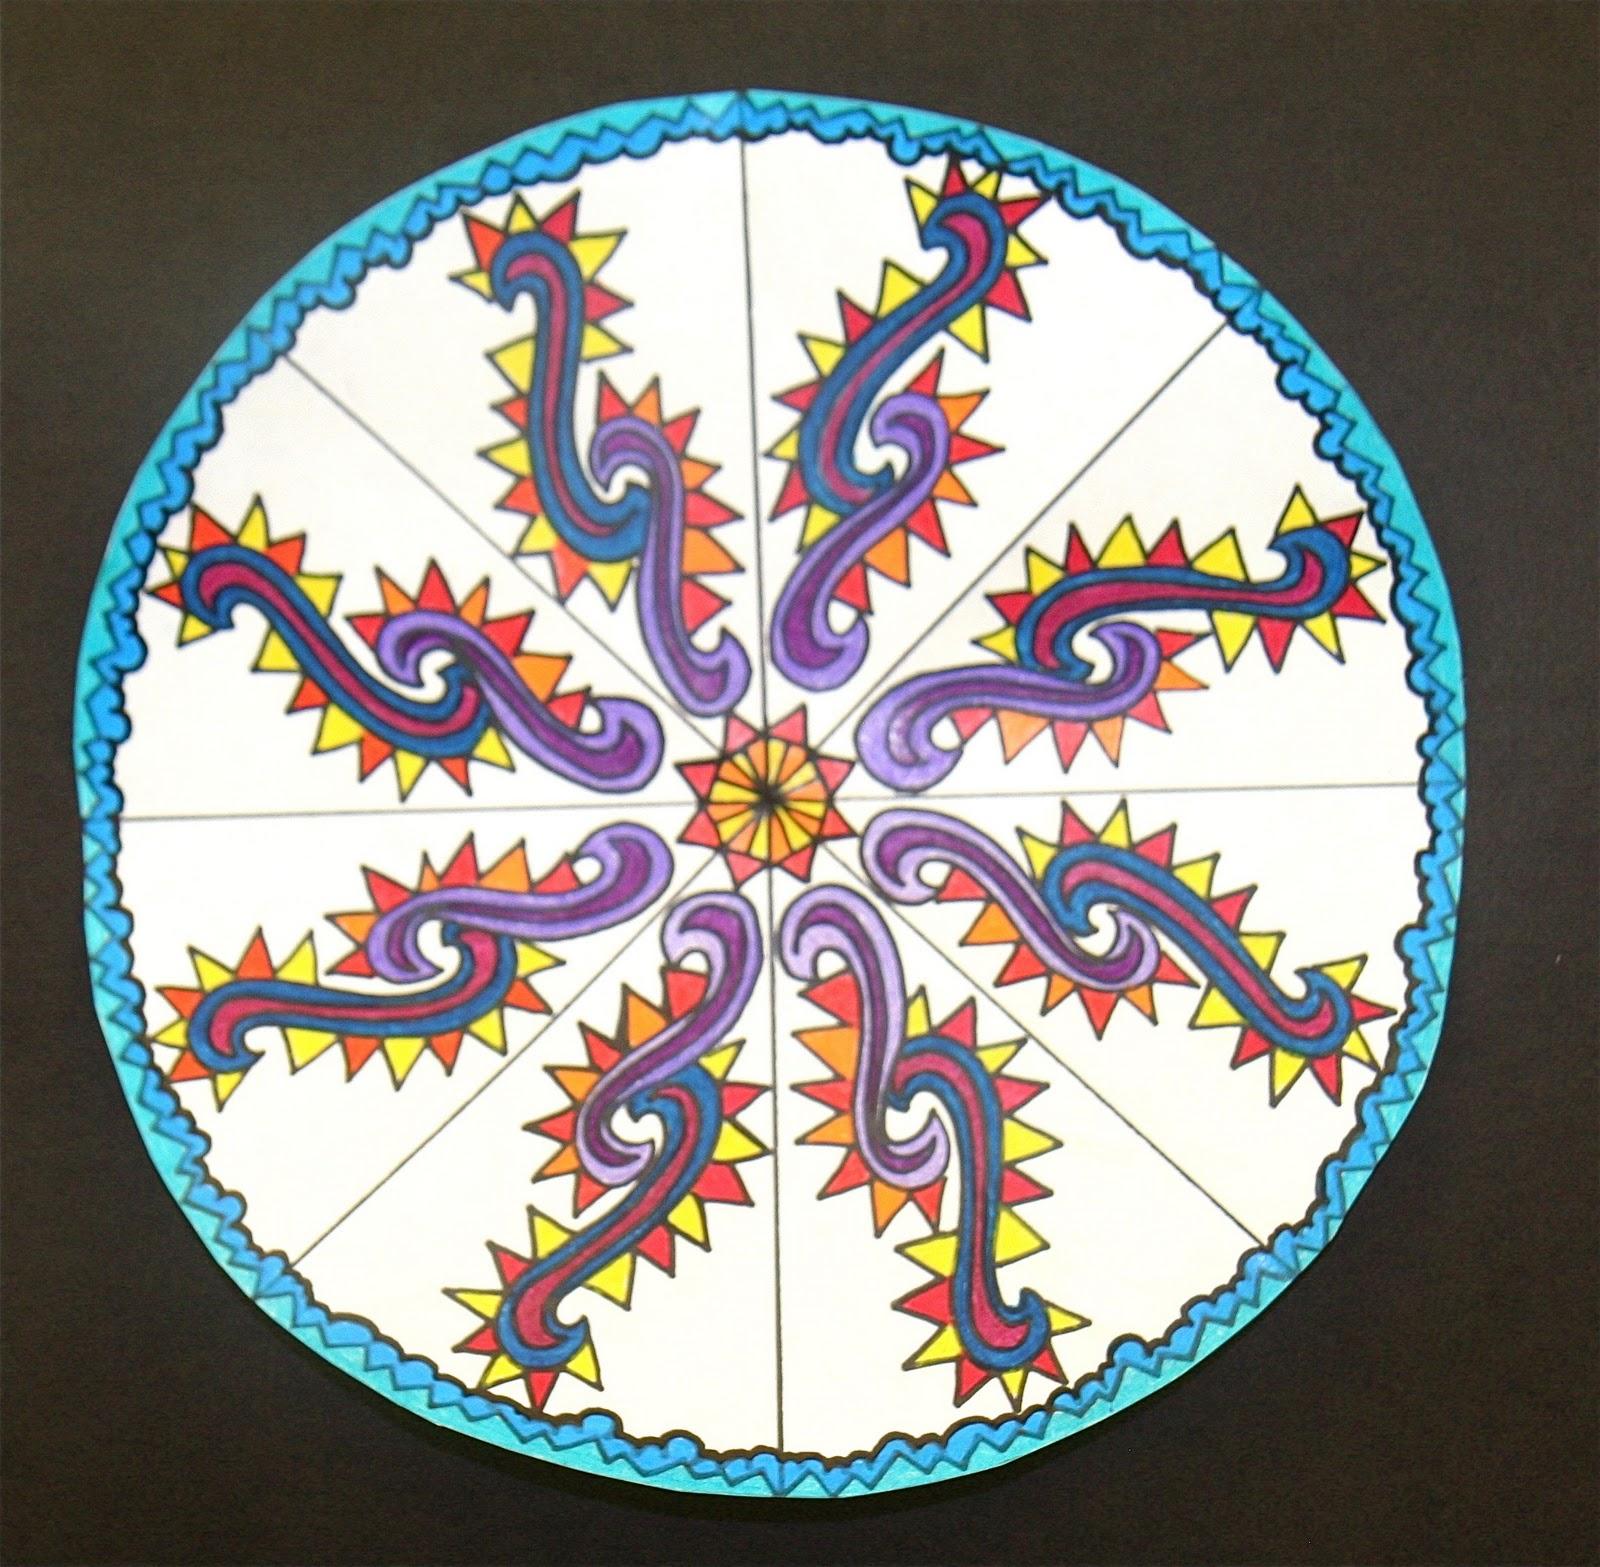 Splish Splash Splatter Rotational Symmetry